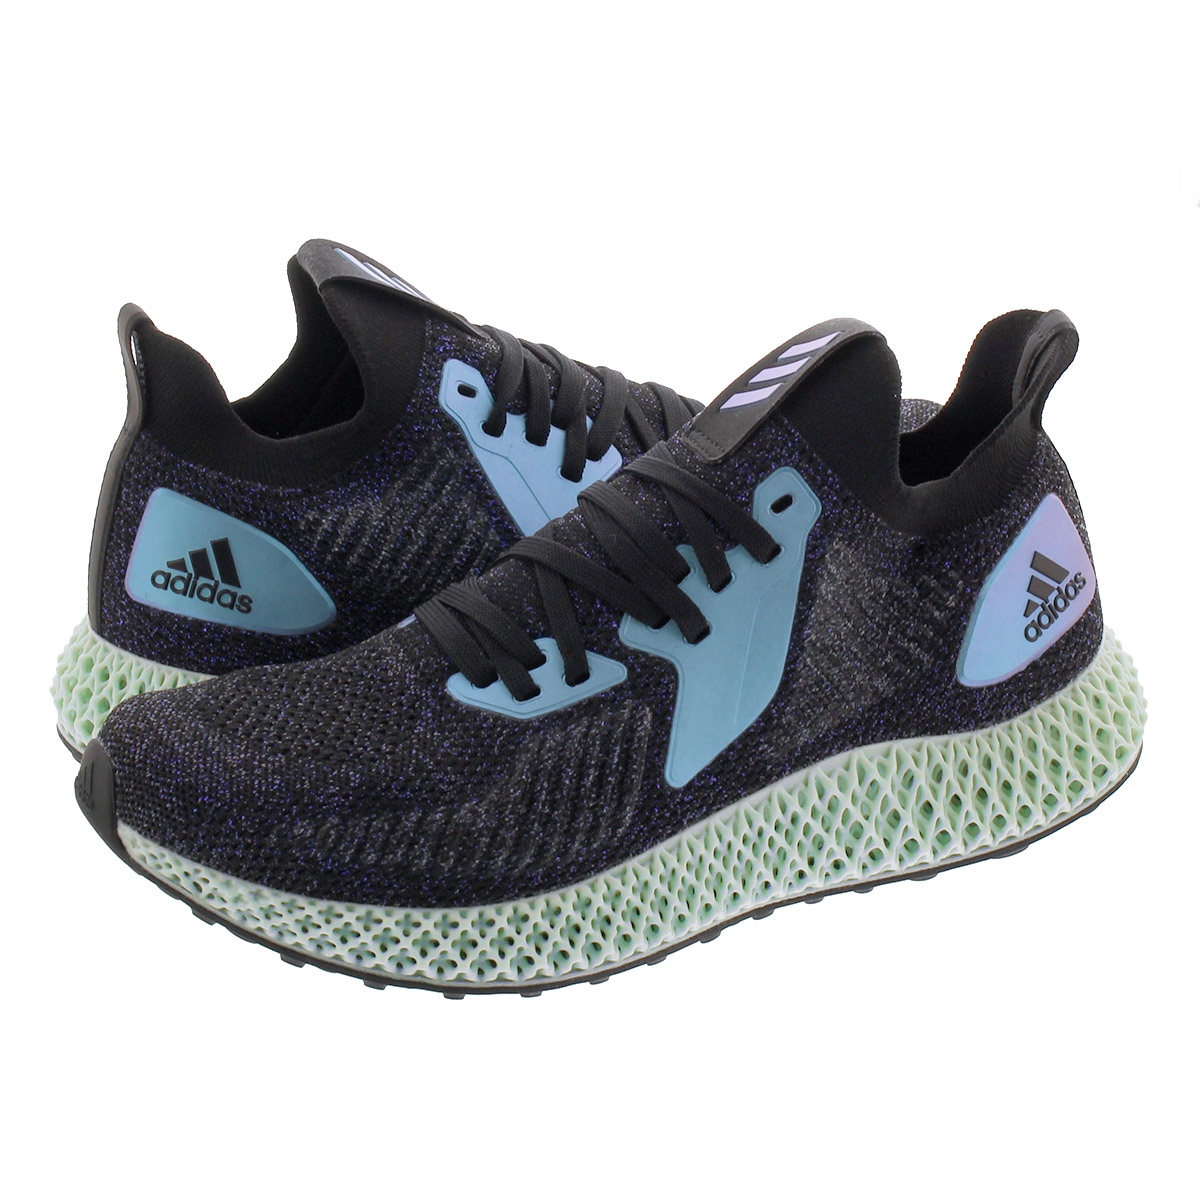 【お買い物マラソンSALE】 adidas ALPHAEDGE 4D アディダス アルファエッジ 4D CORE BLACK/GLORY BLUE/COLLEGE PURPLE fv6106